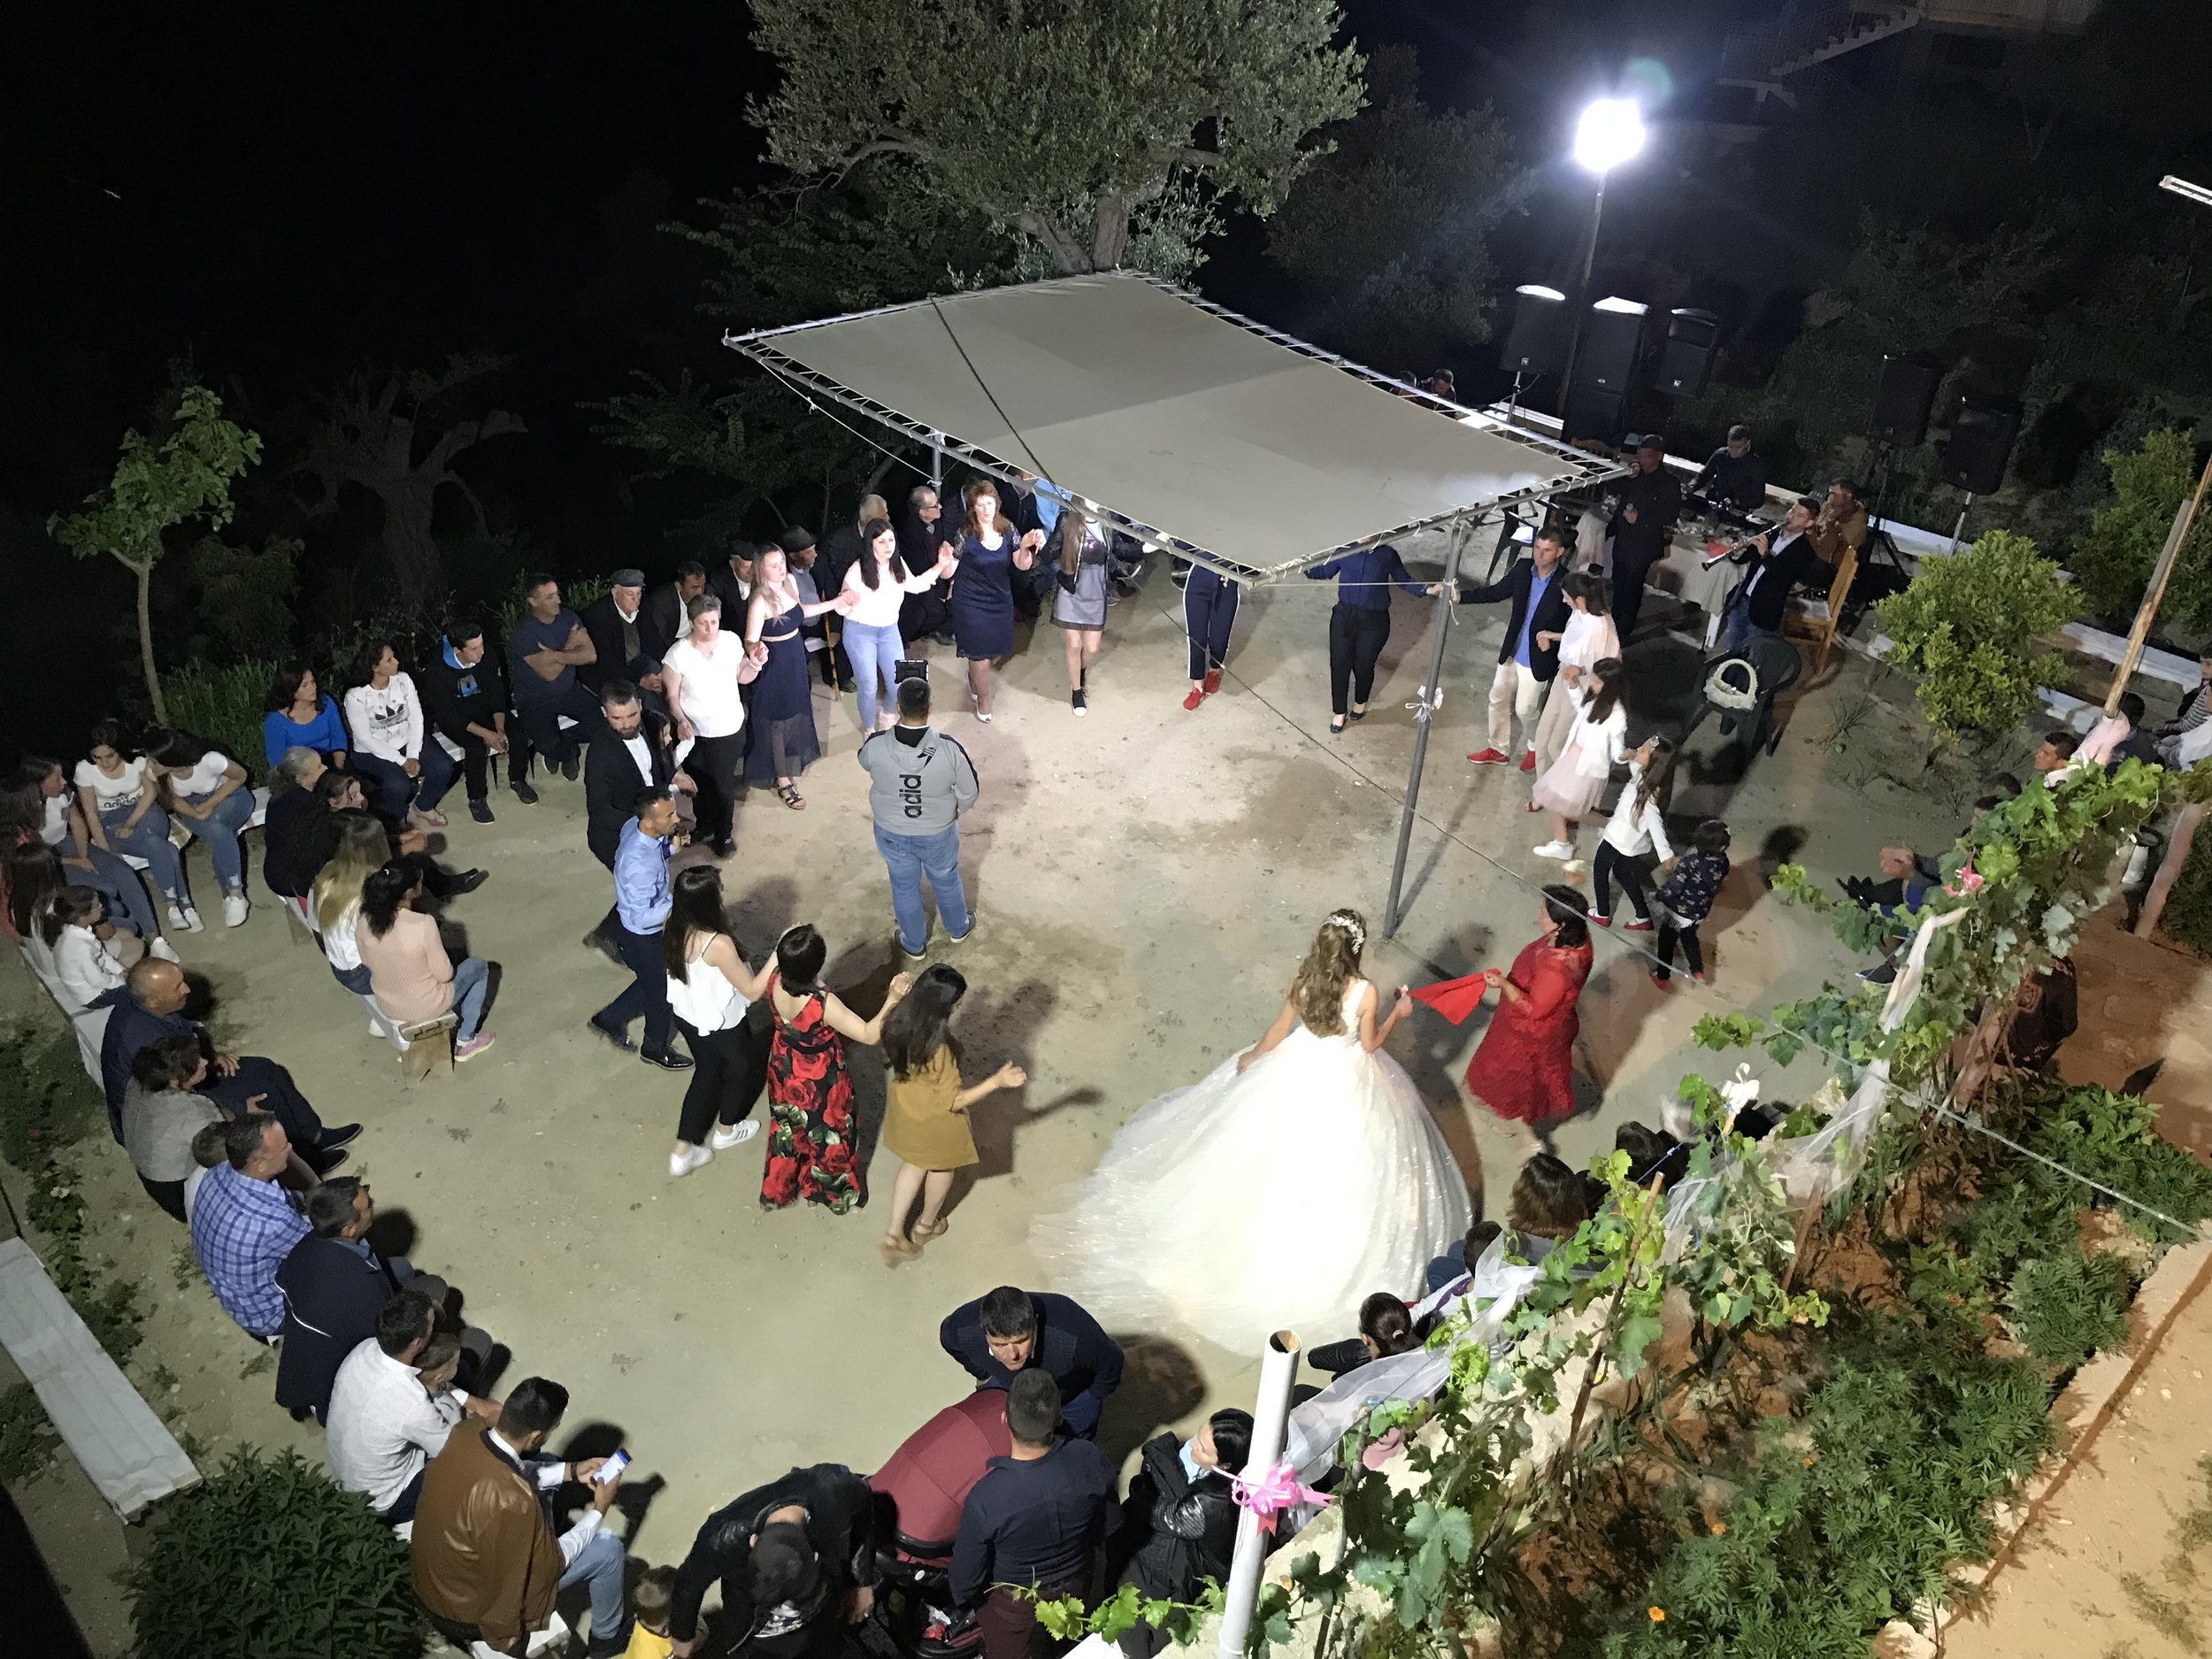 Irenan kotona olleista juhlista otettu kuva perjantai illalla, oikealla yläkulmassa bändi soittaa ja vieraat tanssivat. Kuva: Mirva Rannisto